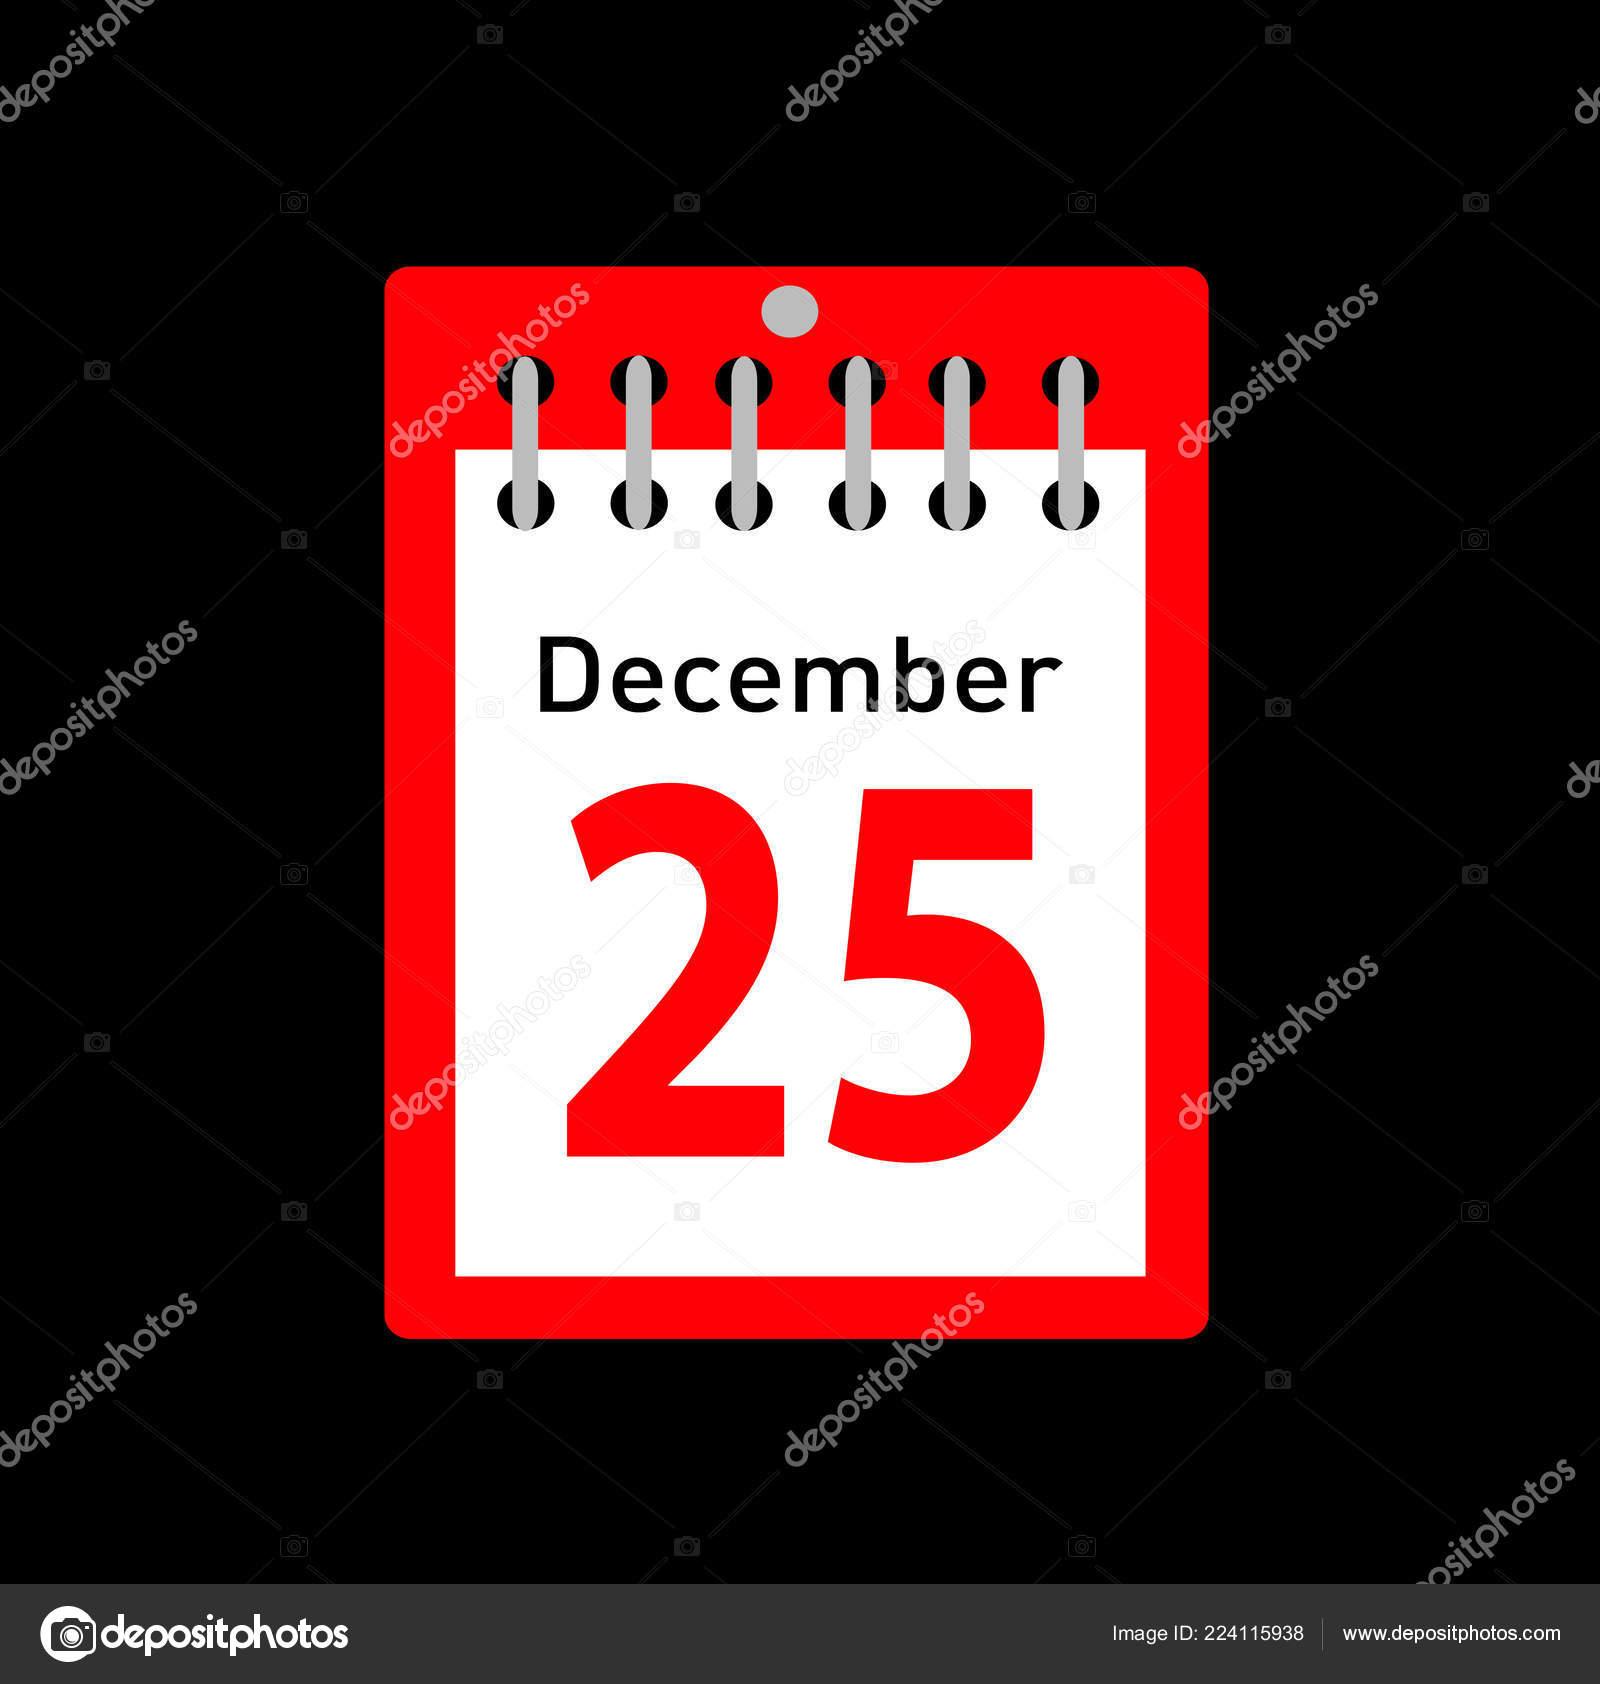 Weihnachten Datum.Vektor Illustration Des Kalenders Mit Weihnachten Datum